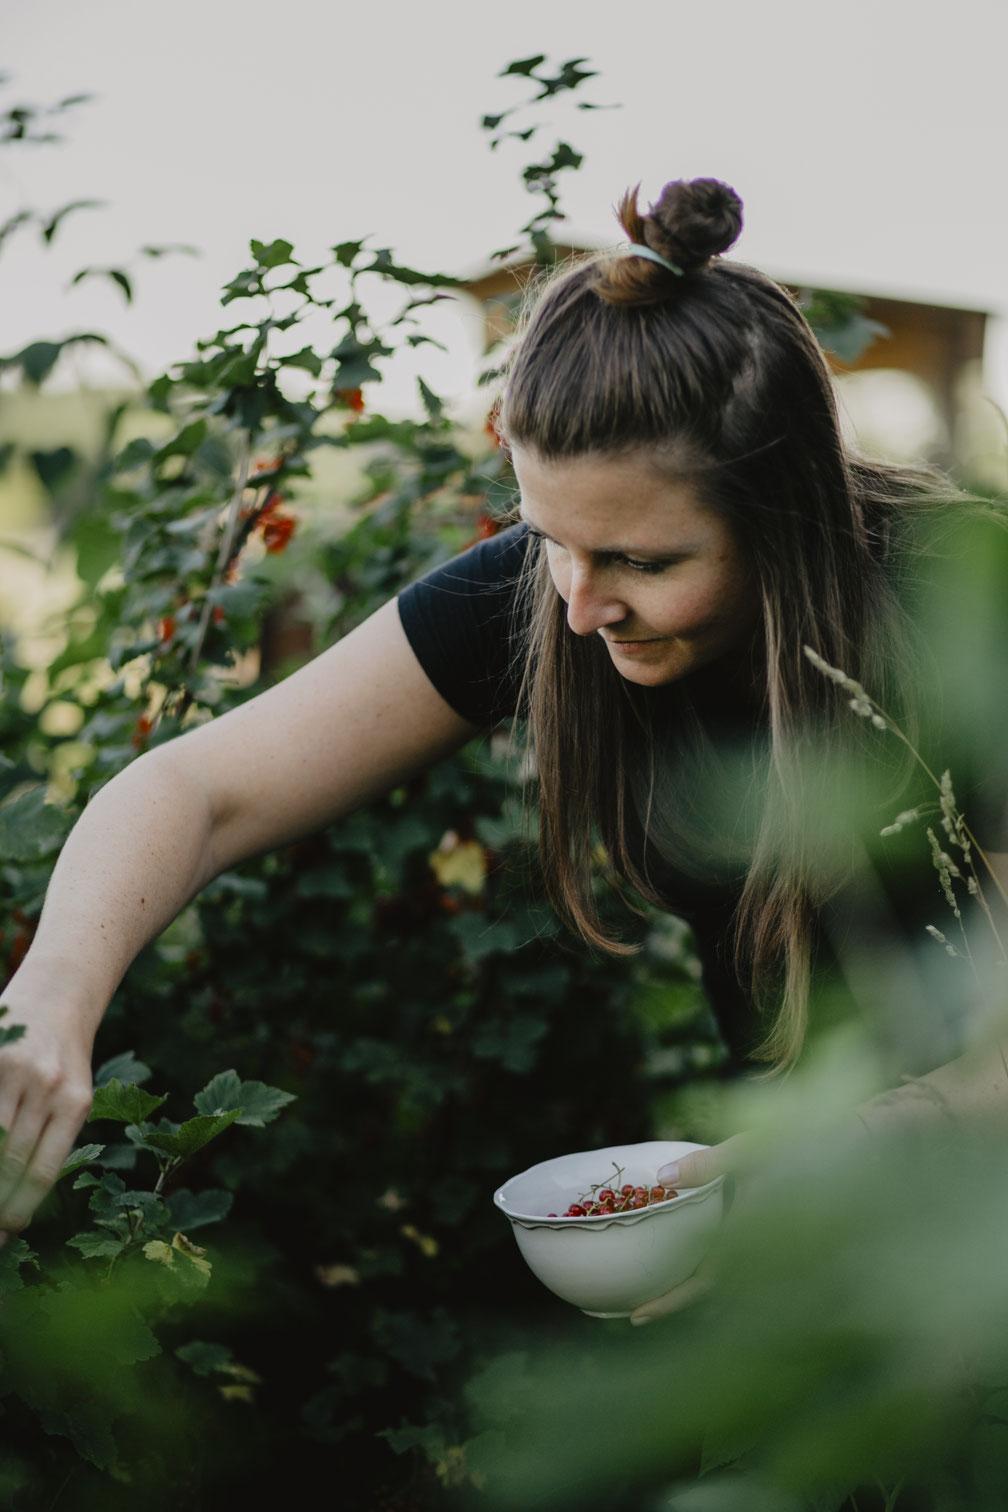 Farm to Table - Steffi beim Johannisbeeren pflücken